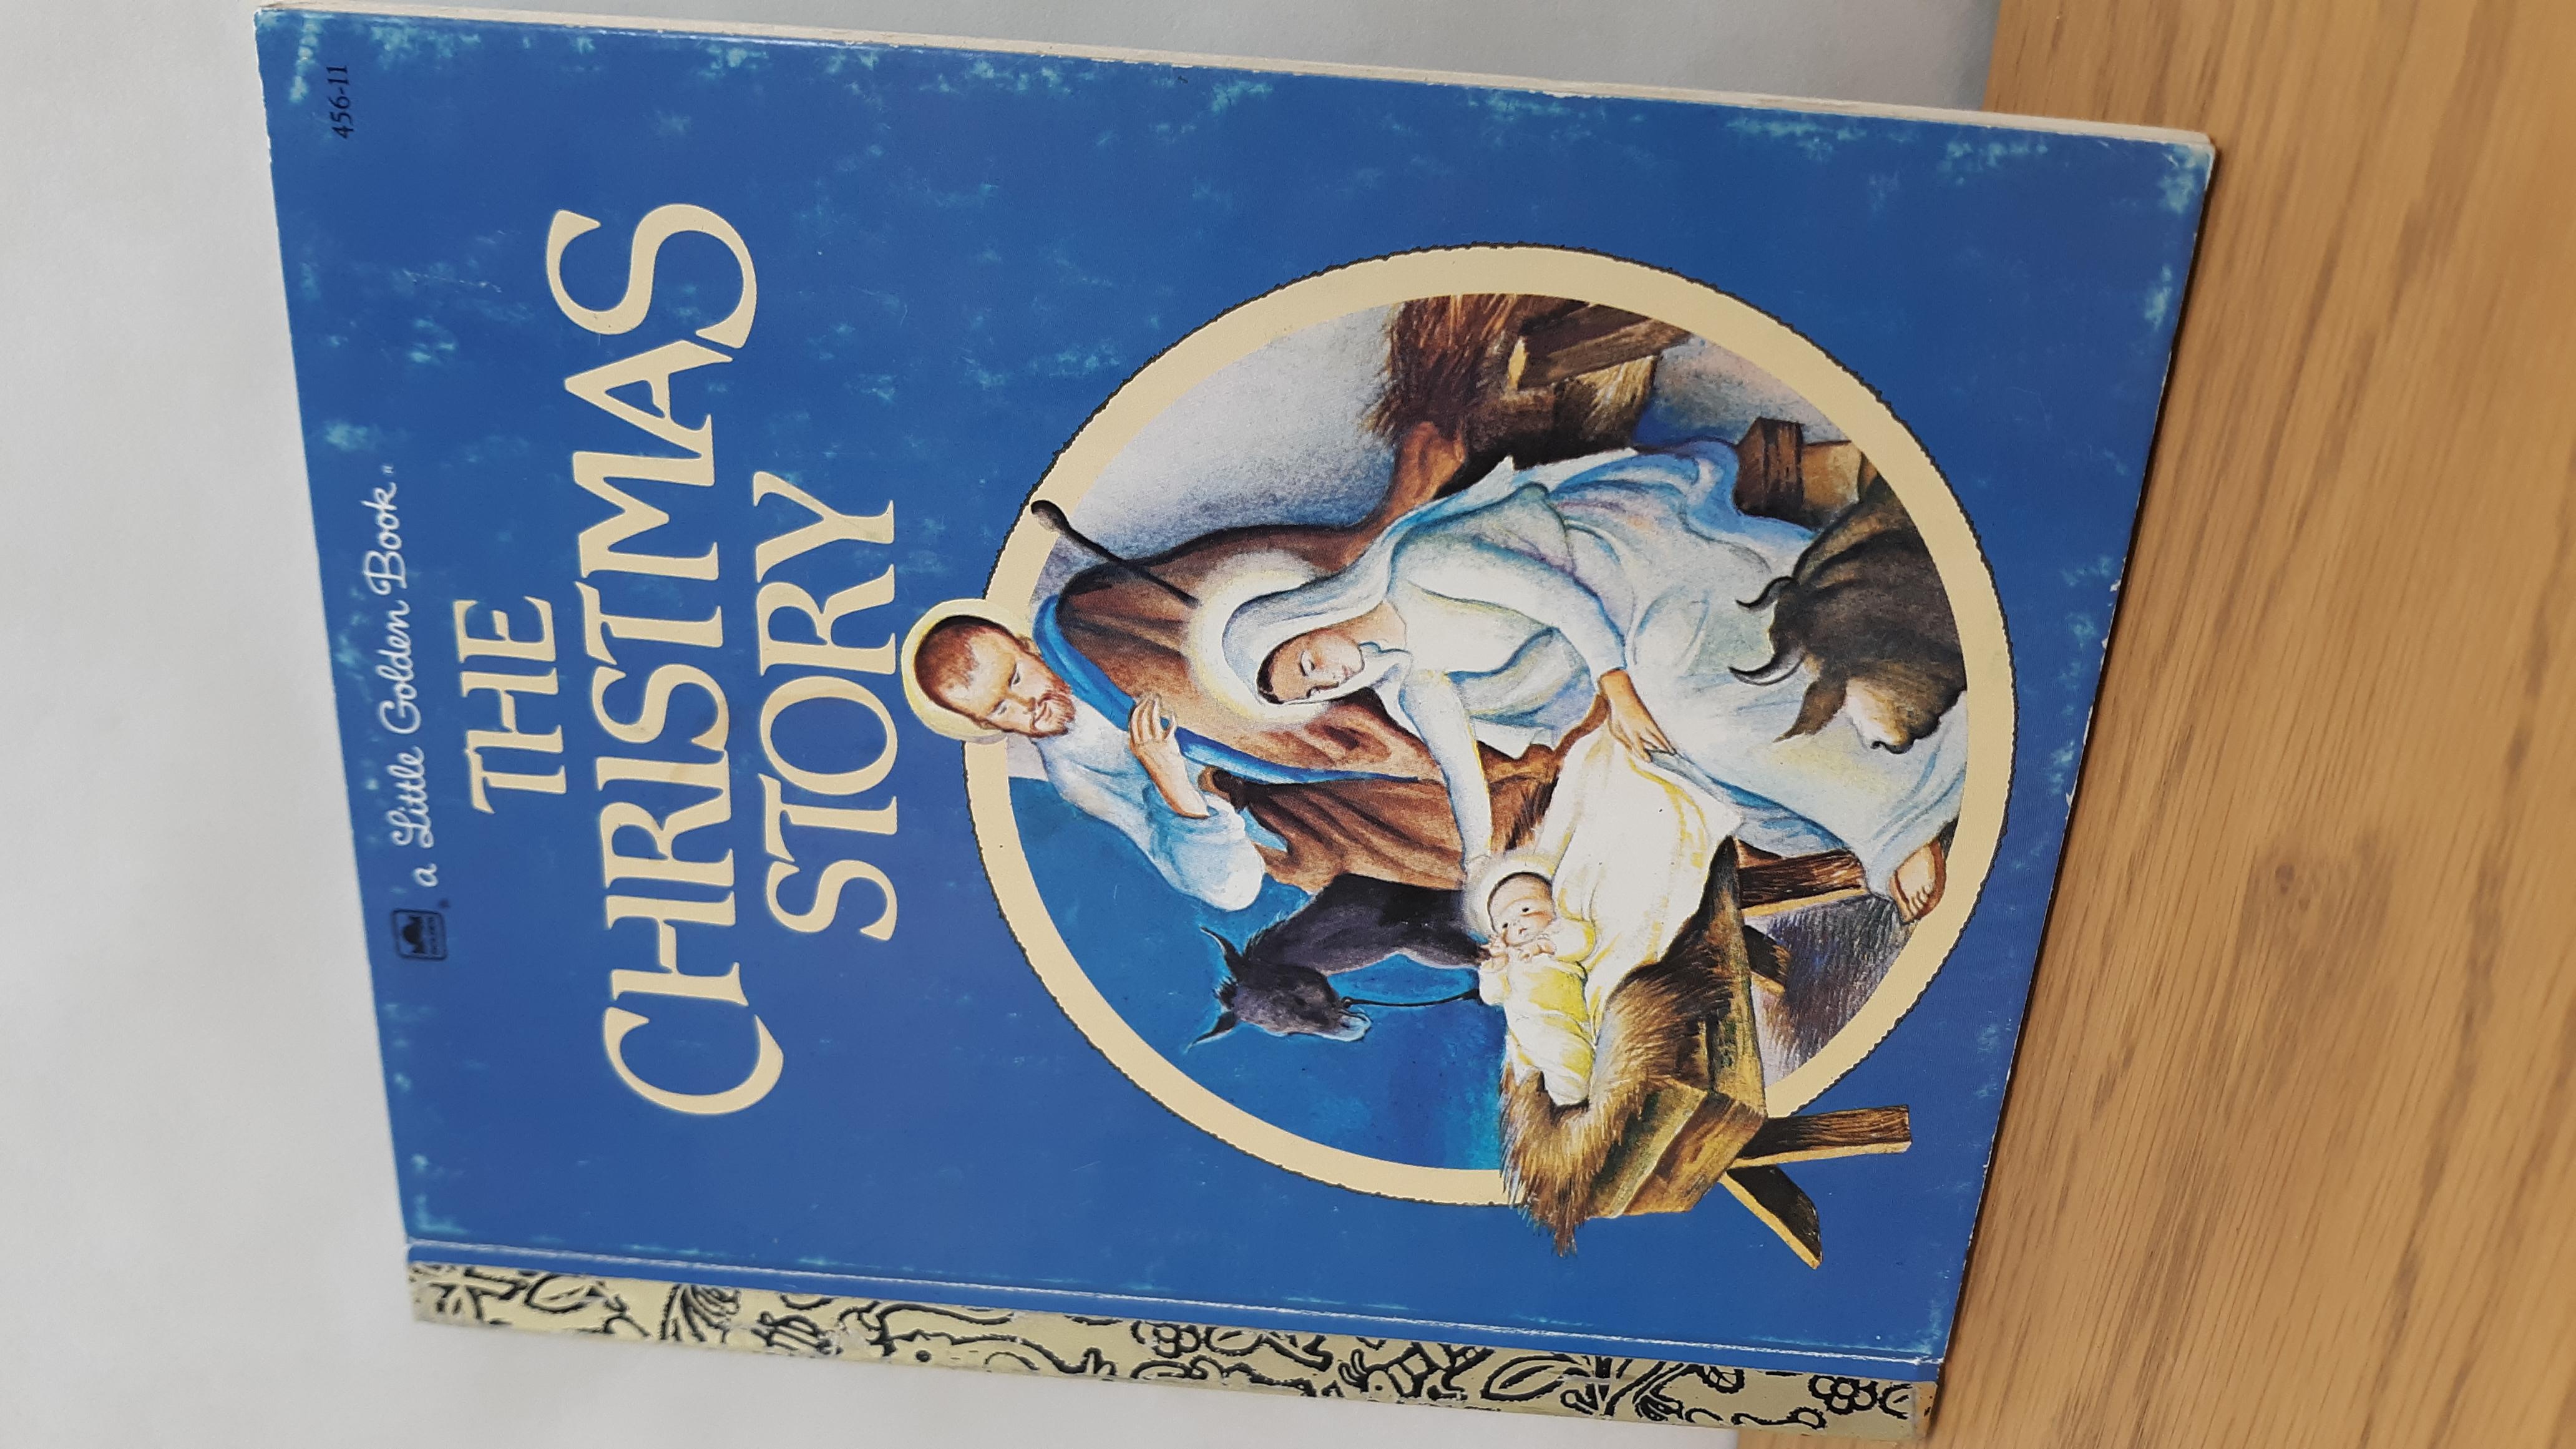 https://0201.nccdn.net/4_2/000/000/020/0be/the-christmas-story.jpg